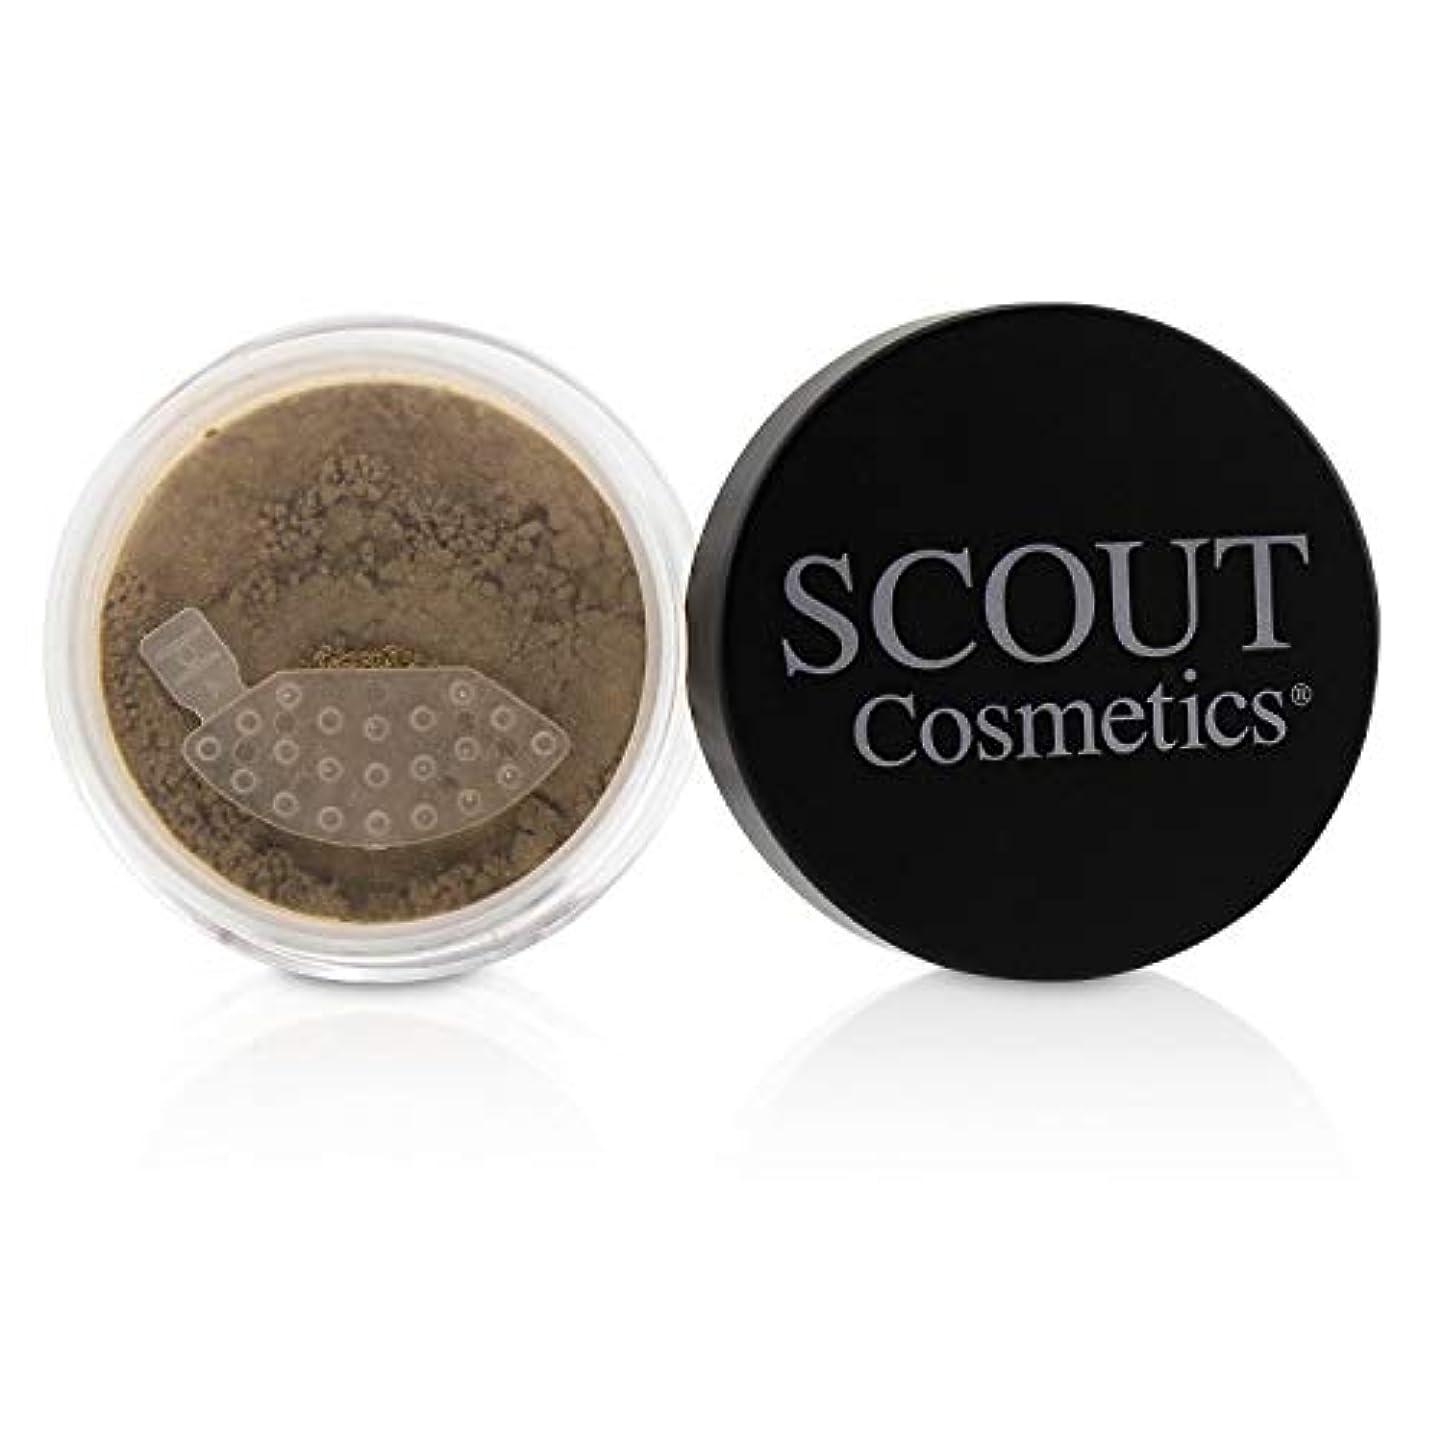 ポット本質的ではない撃退するSCOUT Cosmetics Mineral Powder Foundation SPF 20 - # Almond 8g/0.28oz並行輸入品